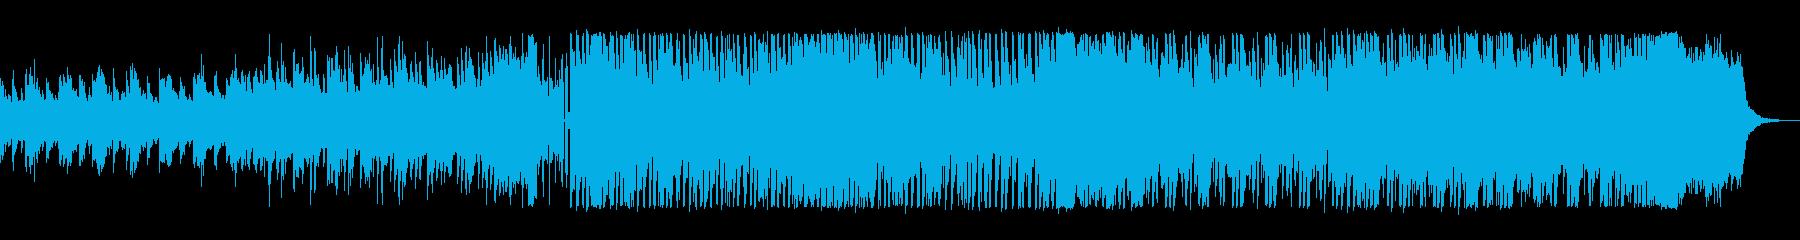 キラキラしたテクノのシンセサイザーの曲の再生済みの波形